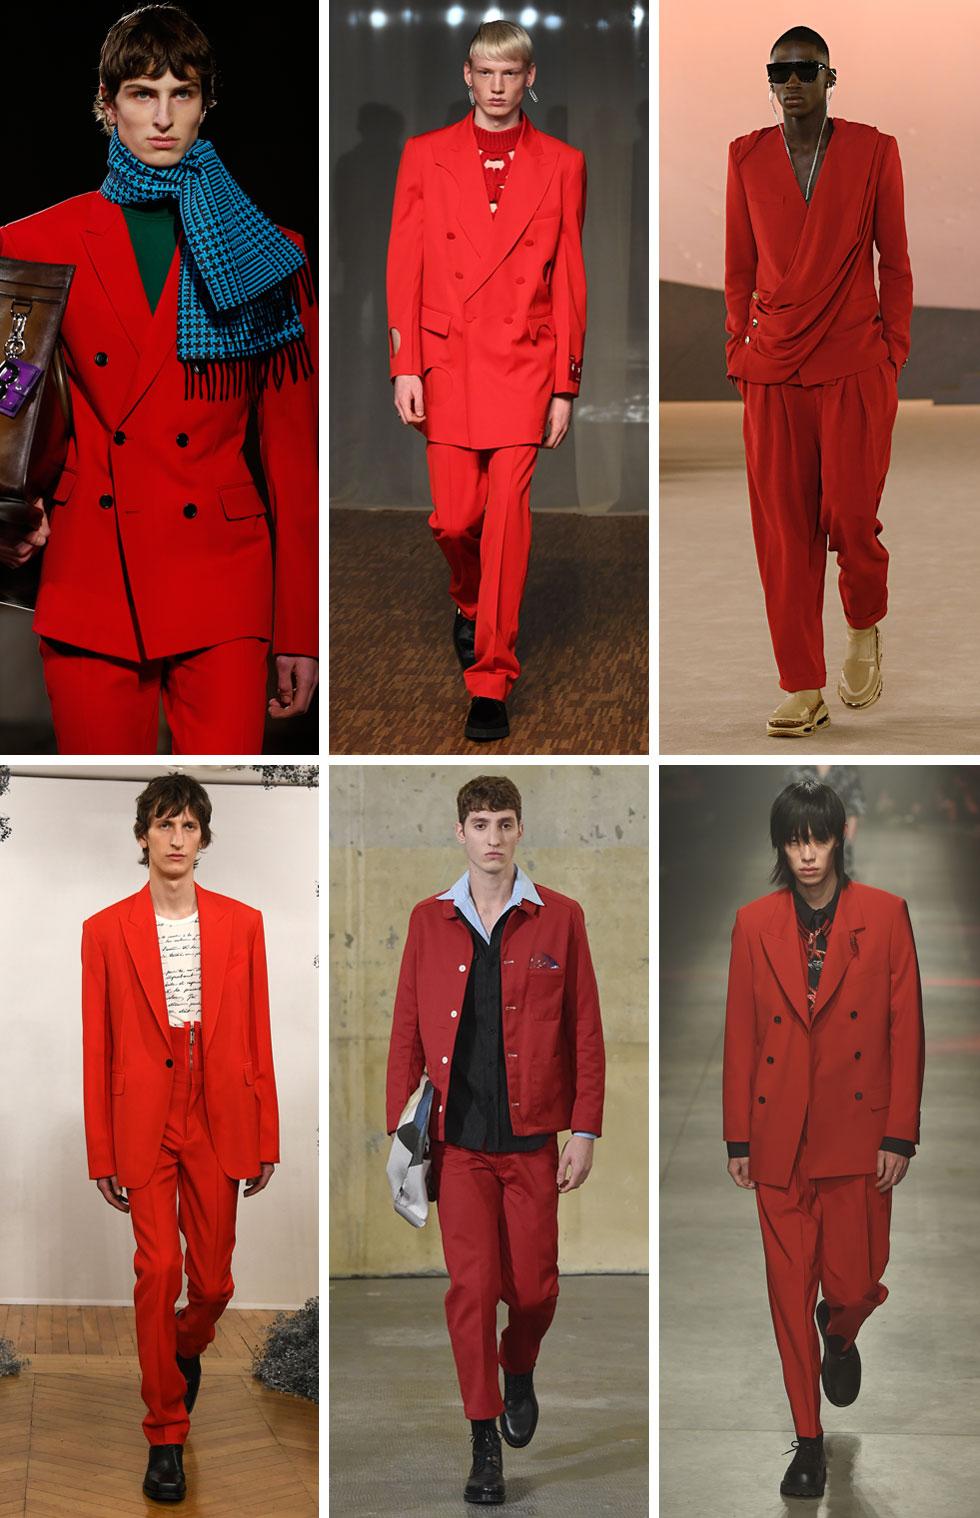 הגיבורה המרכזית של שבועות האופנה לגברים היתה חליפת מכנסיים אדומה. עם כפתרה כפולה או כפתור יחיד, בגזרה נינוחה או במראה צר והדוק, בטוטאל לוק אדום או בשילוב בלוקים של צבע, החליפה האדומה כיכבה בקולקציות של ז'יבנשי, בלמן, אוף/ווייט, MSGM ואחרים, מסמנת את הצבע הבולט לחורף הבא (צילום: Tullio M. Puglia,Pascal Le Segretain, Thierry Chesnot/GettyimagesIL)